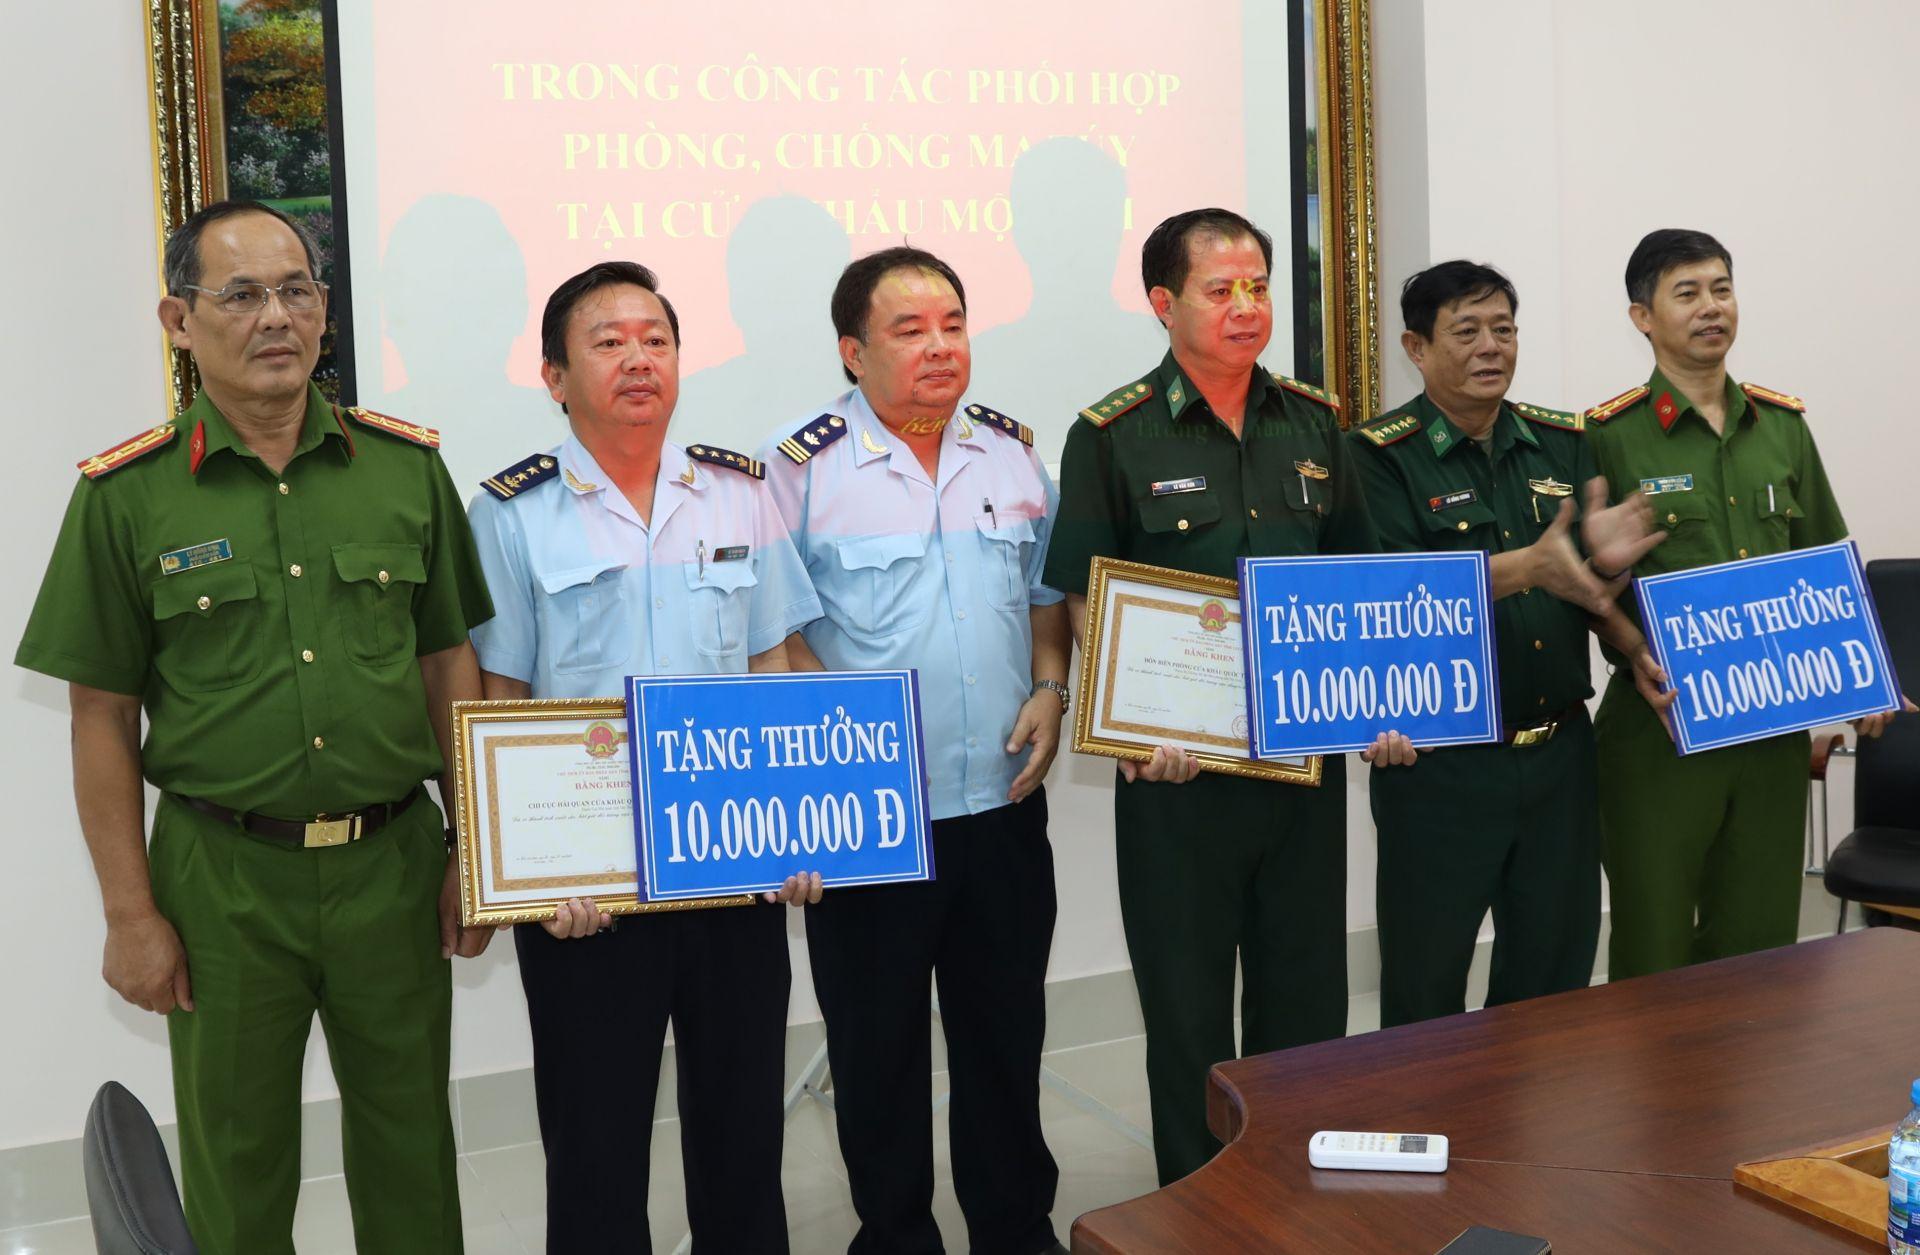 Tây Ninh Khen thưởng 3 tập thể bắt giữ vụ vận chuyển trái phép 13 kg ma túy đá